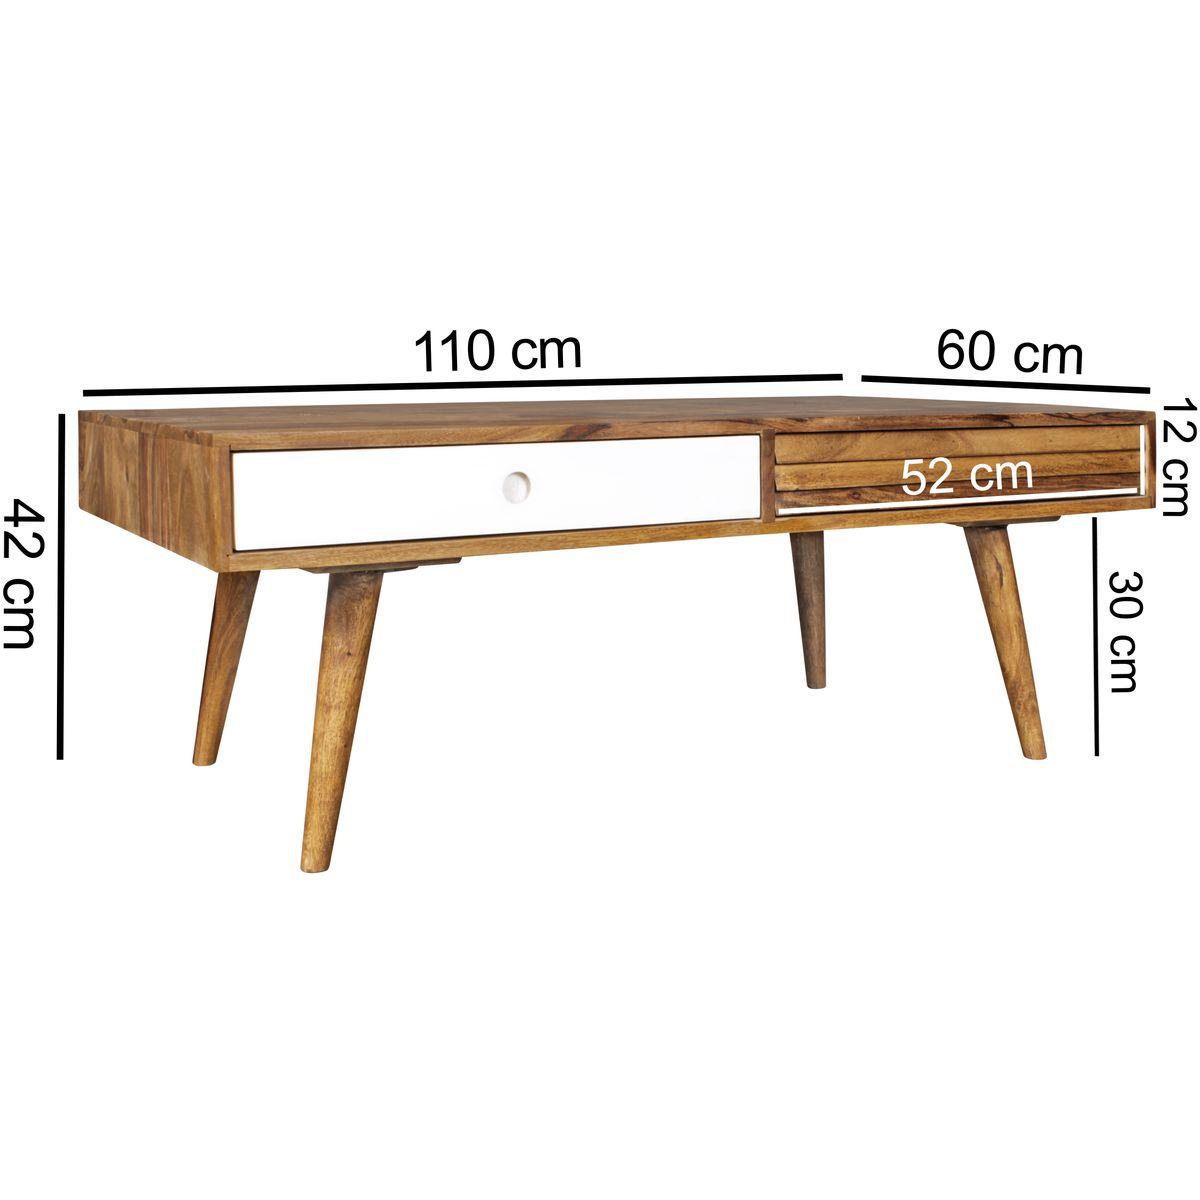 Wohnling retro couchtisch repa massivholz 110 x 60 x 40 cm for Wohnzimmertisch 60 cm